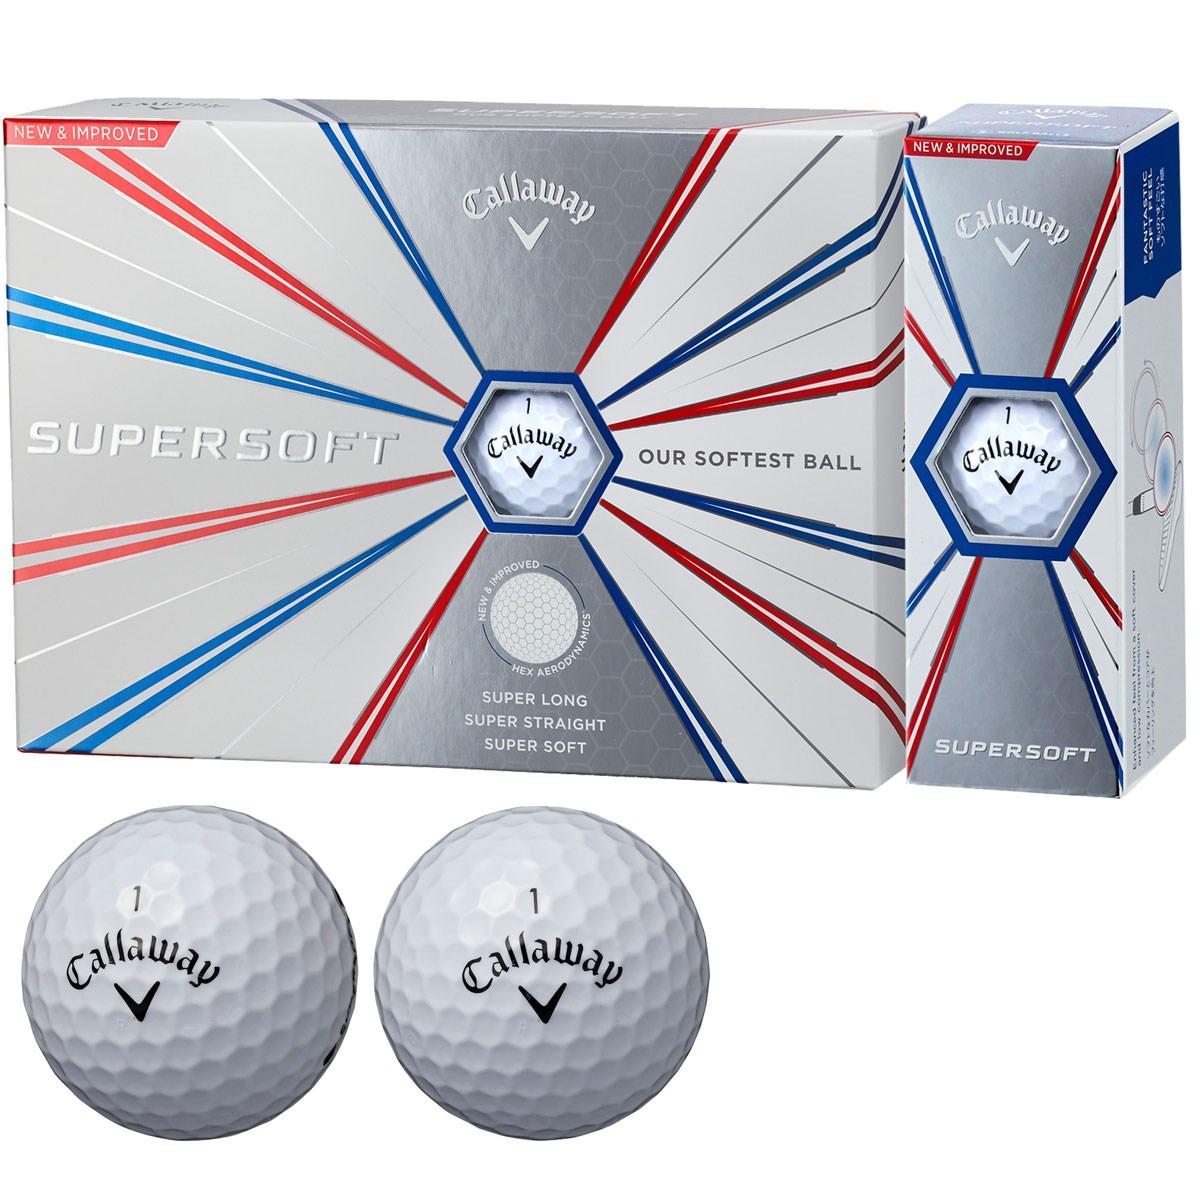 キャロウェイゴルフ SUPERSOFT SUPERSOFT 19 ボール 3ダースセット 3ダース(36個入り) ホワイト